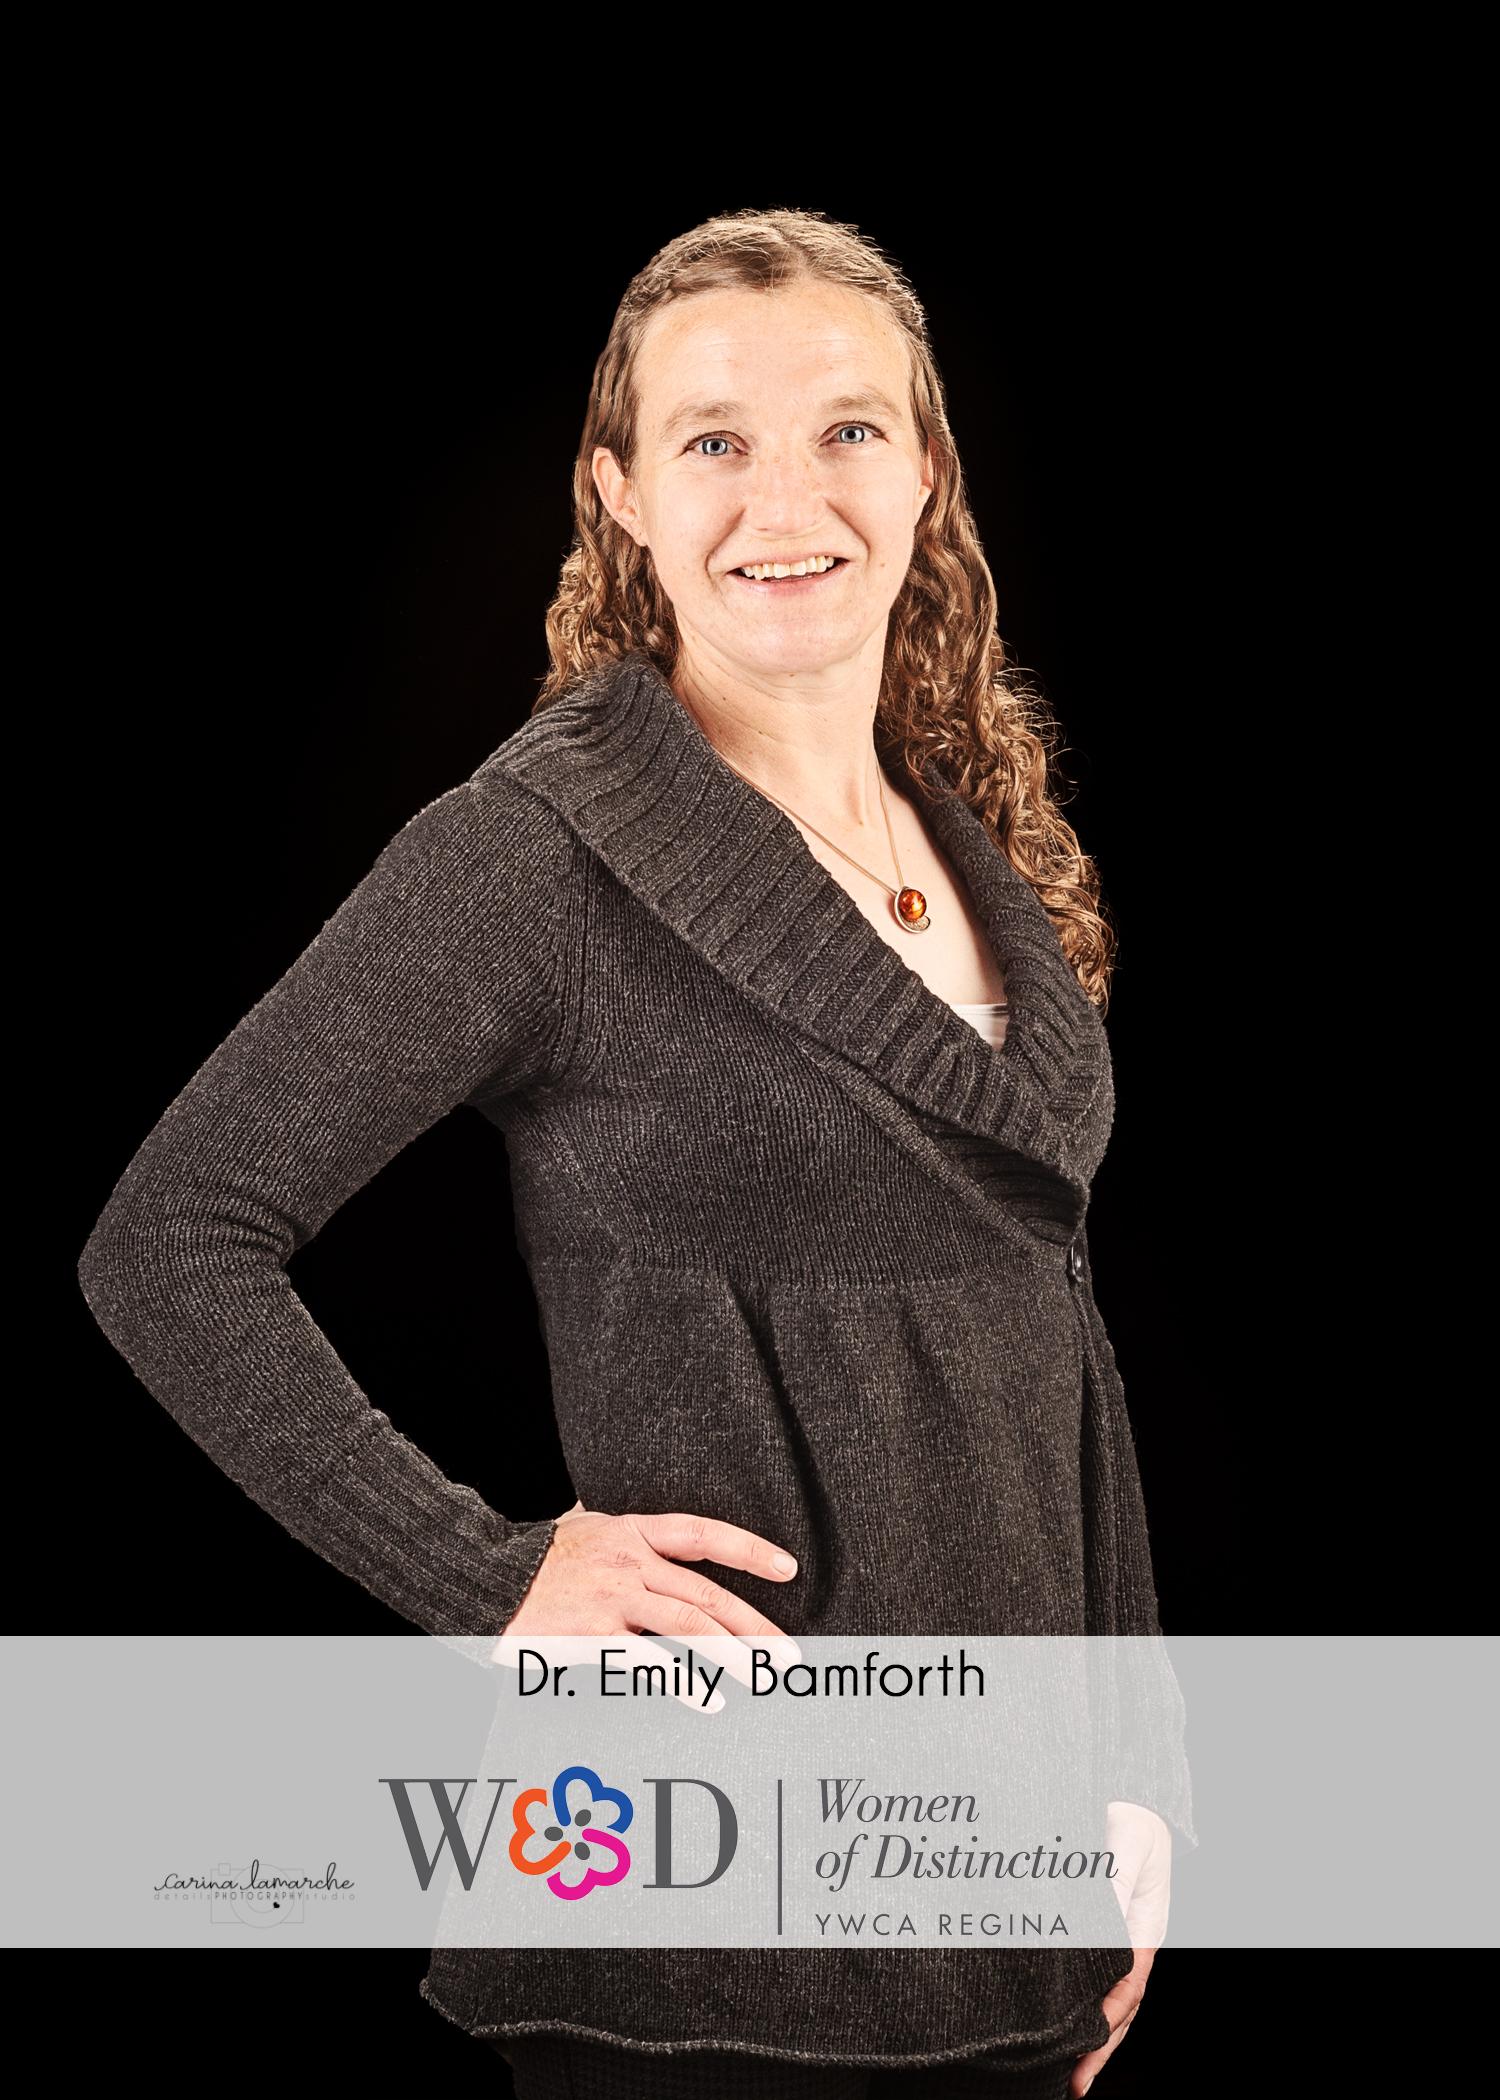 2019_009_Dr.Emily_Bamforth_5x7.1.jpg